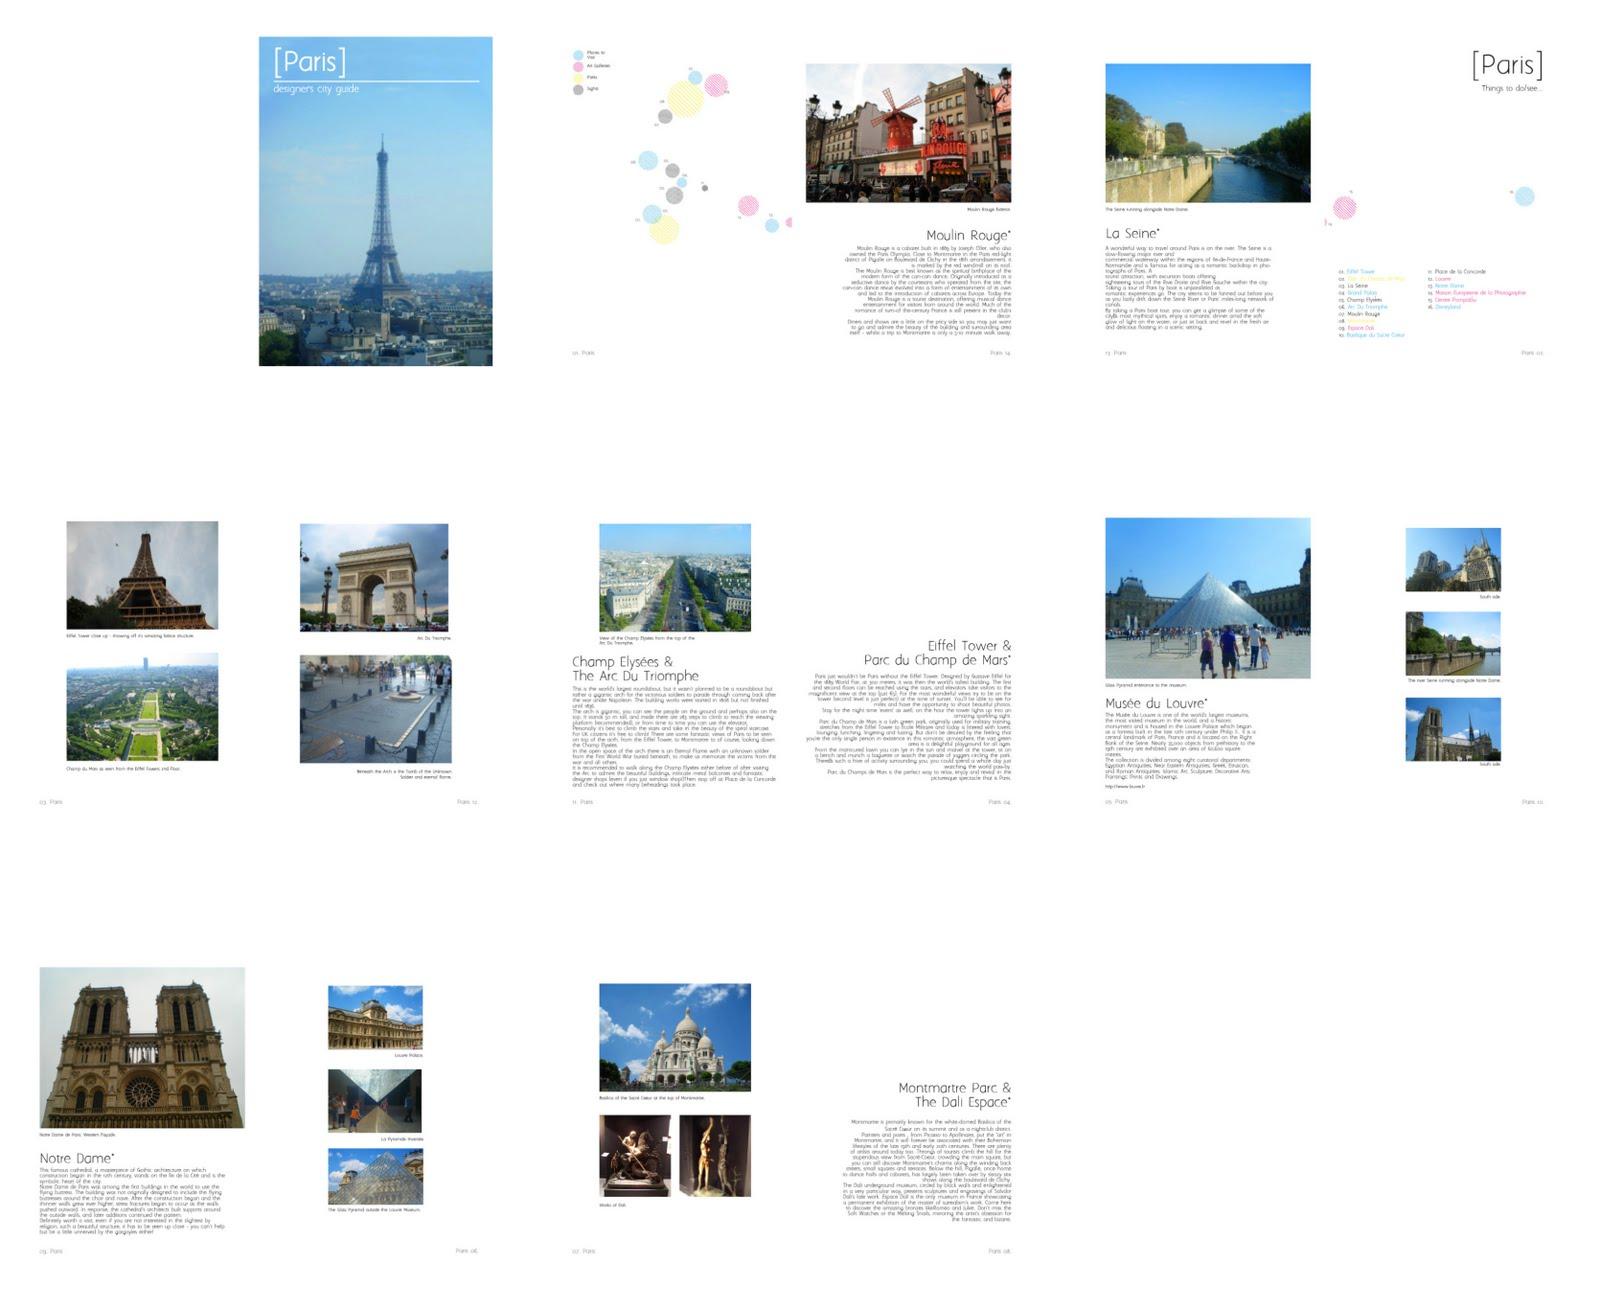 http://2.bp.blogspot.com/_G43yDL6Qnaw/TBIy6EXxamI/AAAAAAAAB4w/a0Dh2Yl9aTA/s1600/paris.jpg